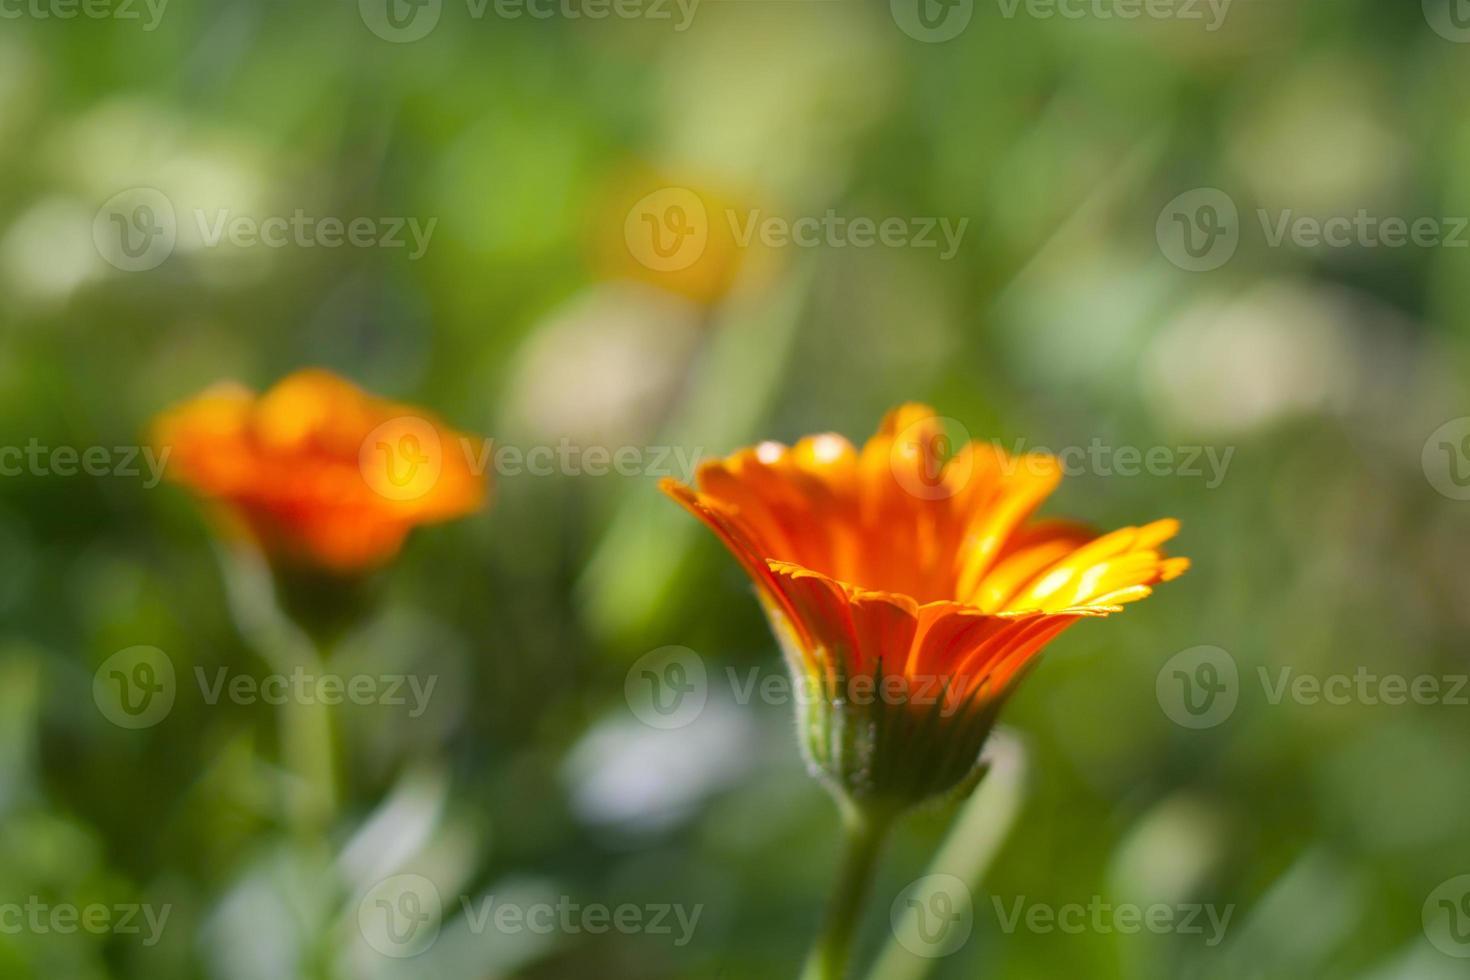 bellissimo fiore d'arancio foto